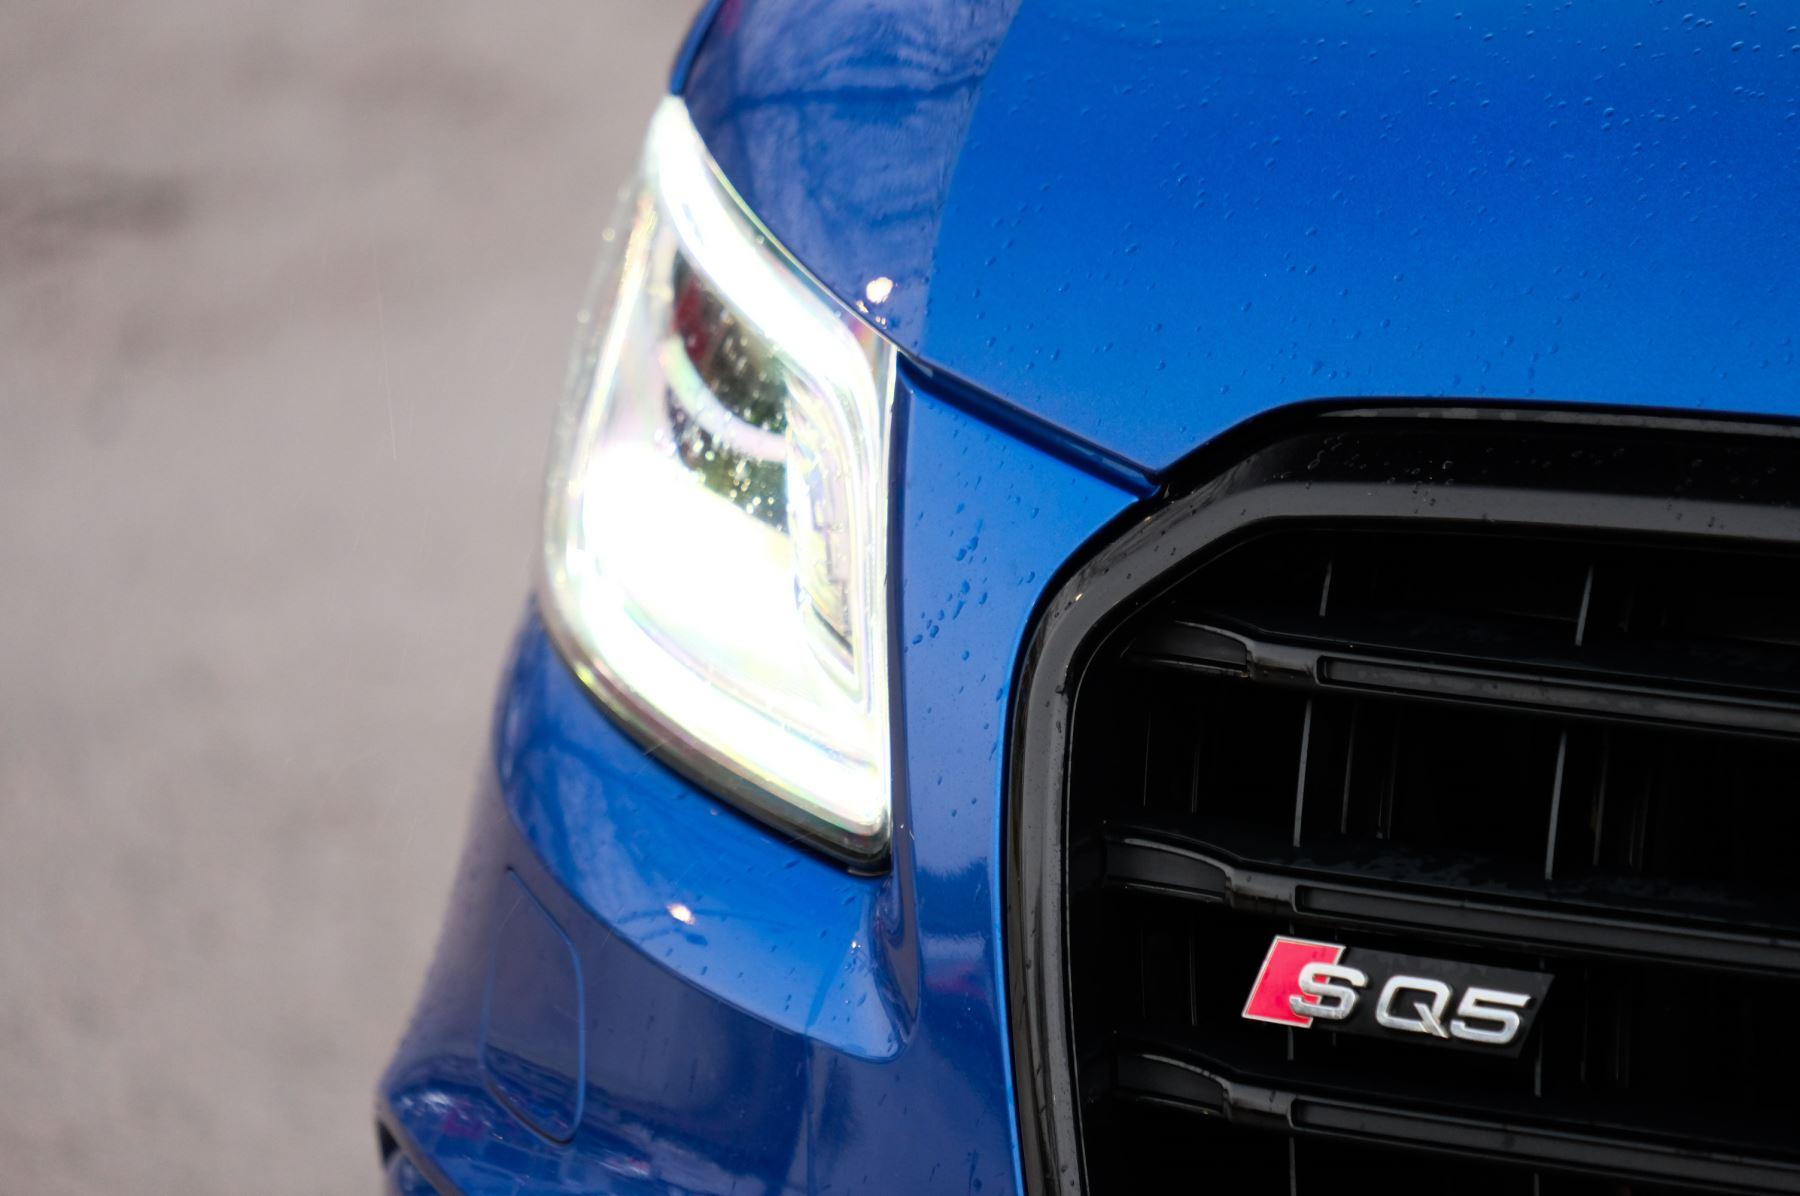 Audi Q5 SQ5 Plus Quattro 5dr Tip - Adaptive cruise control image 3